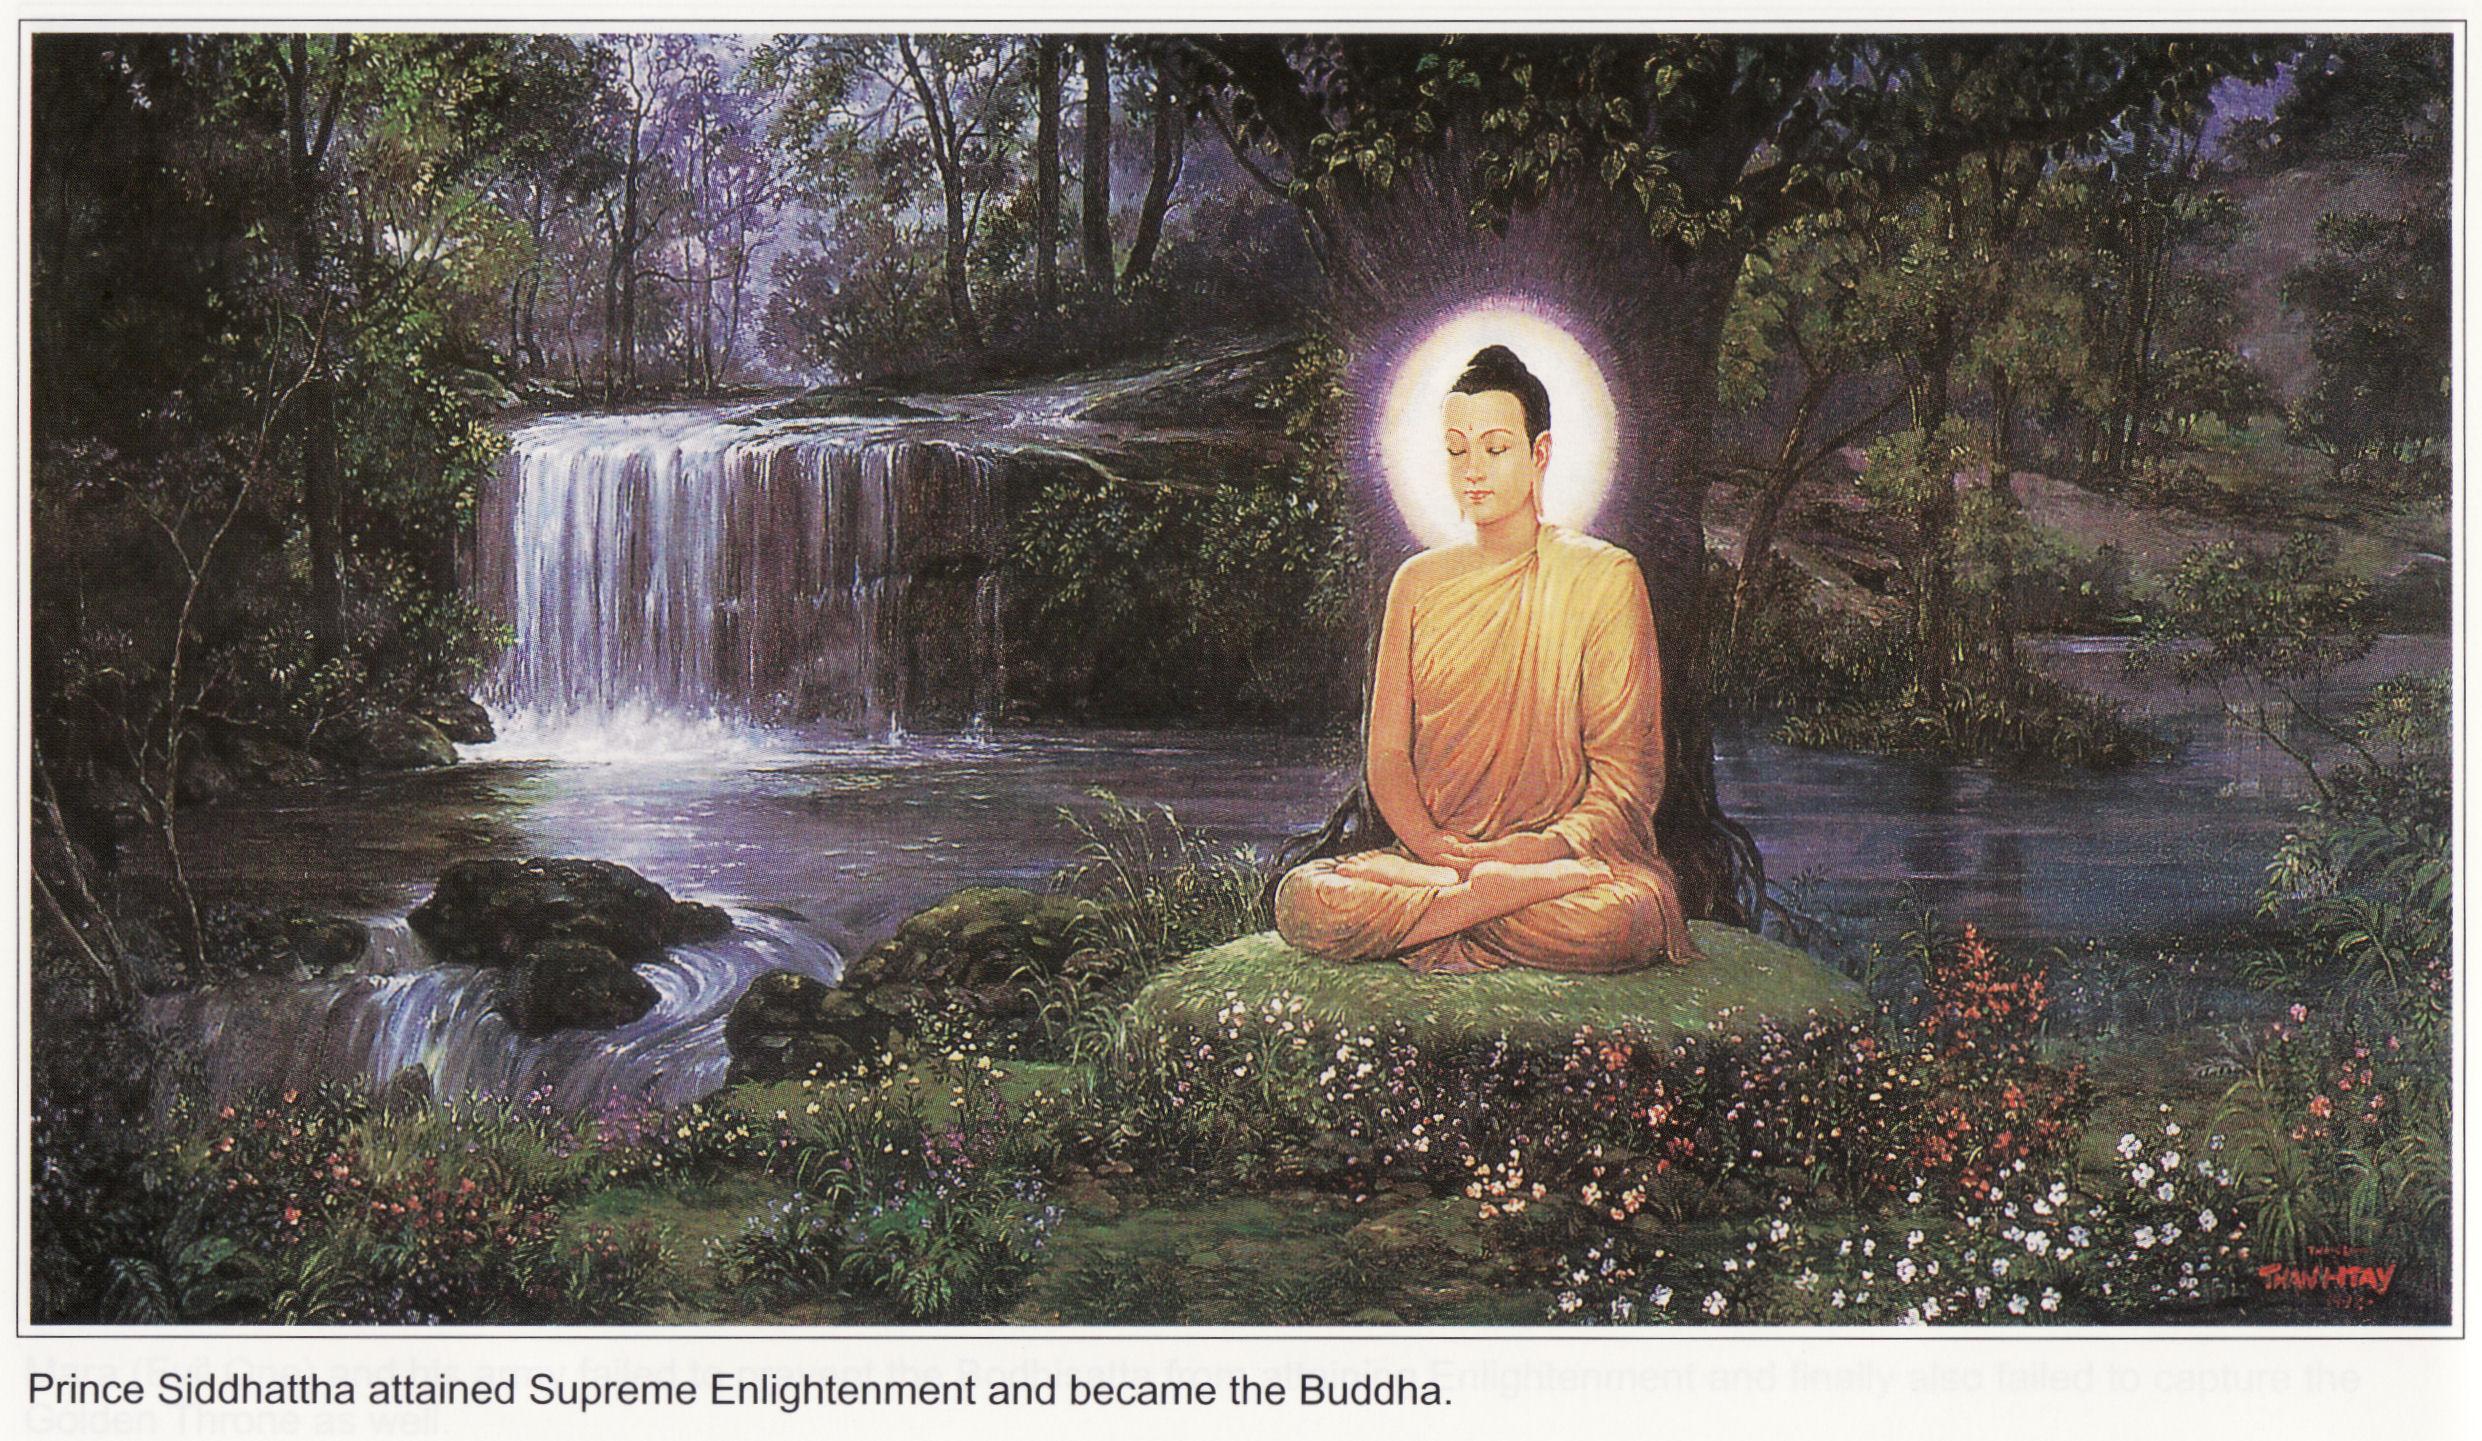 a biography of siddhartha gautama Siddhartha gautama merupakan figur utama dalam agama buddha, keterangan akan kehidupannya, khotbah-khotbah, dan peraturan keagamaan yang dipercayai oleh.